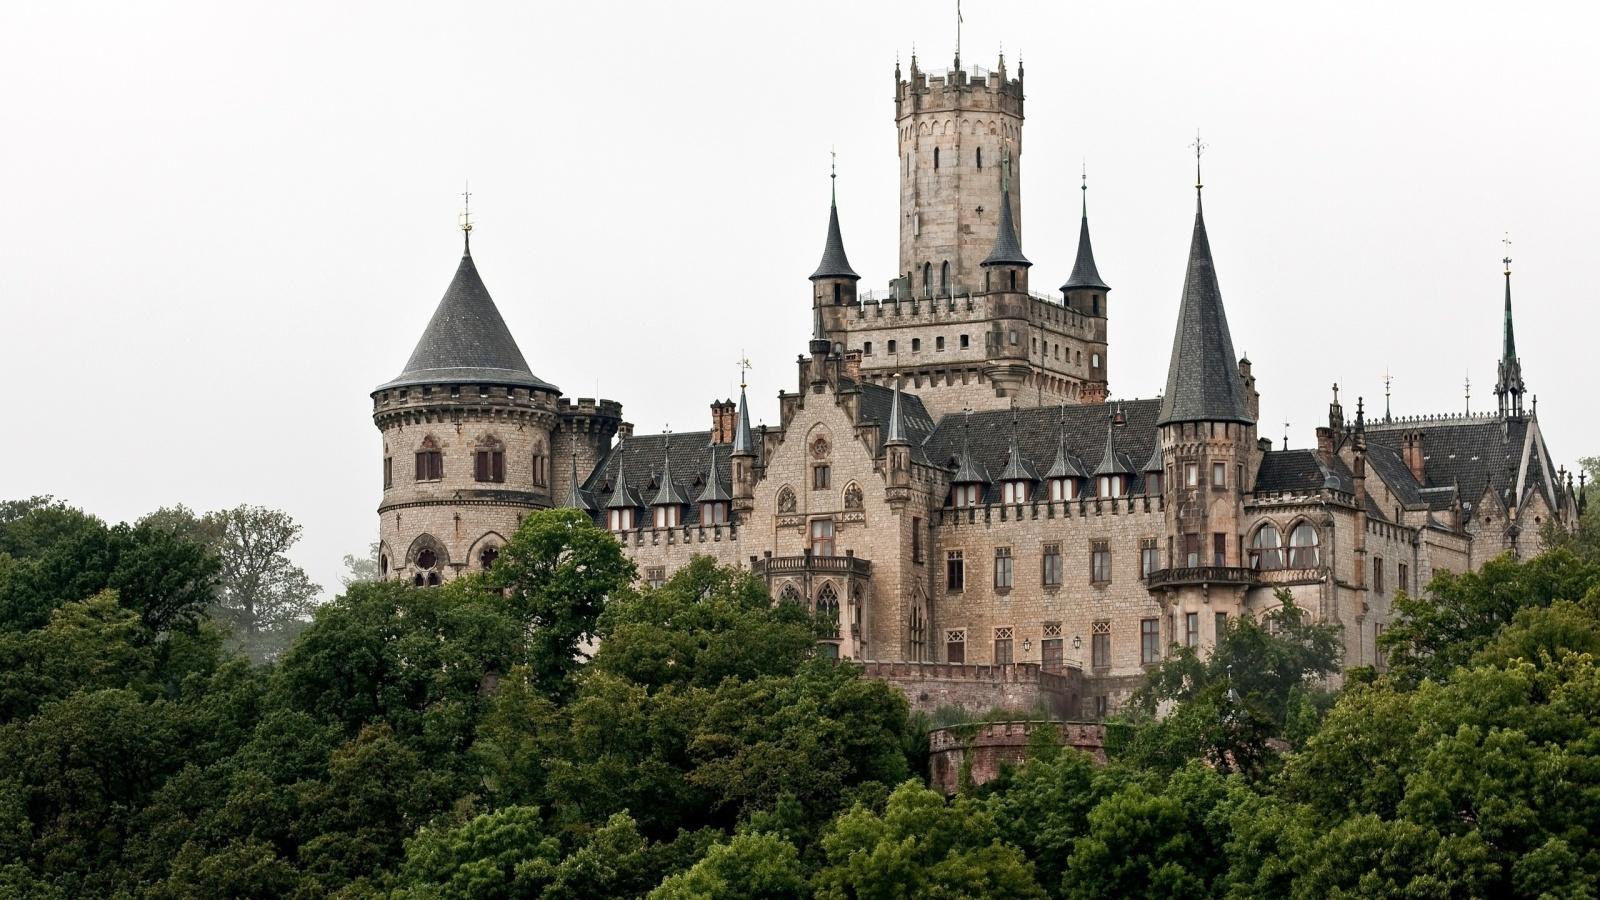 Marienburg Castle Germany   1600x900   582520 1600x900